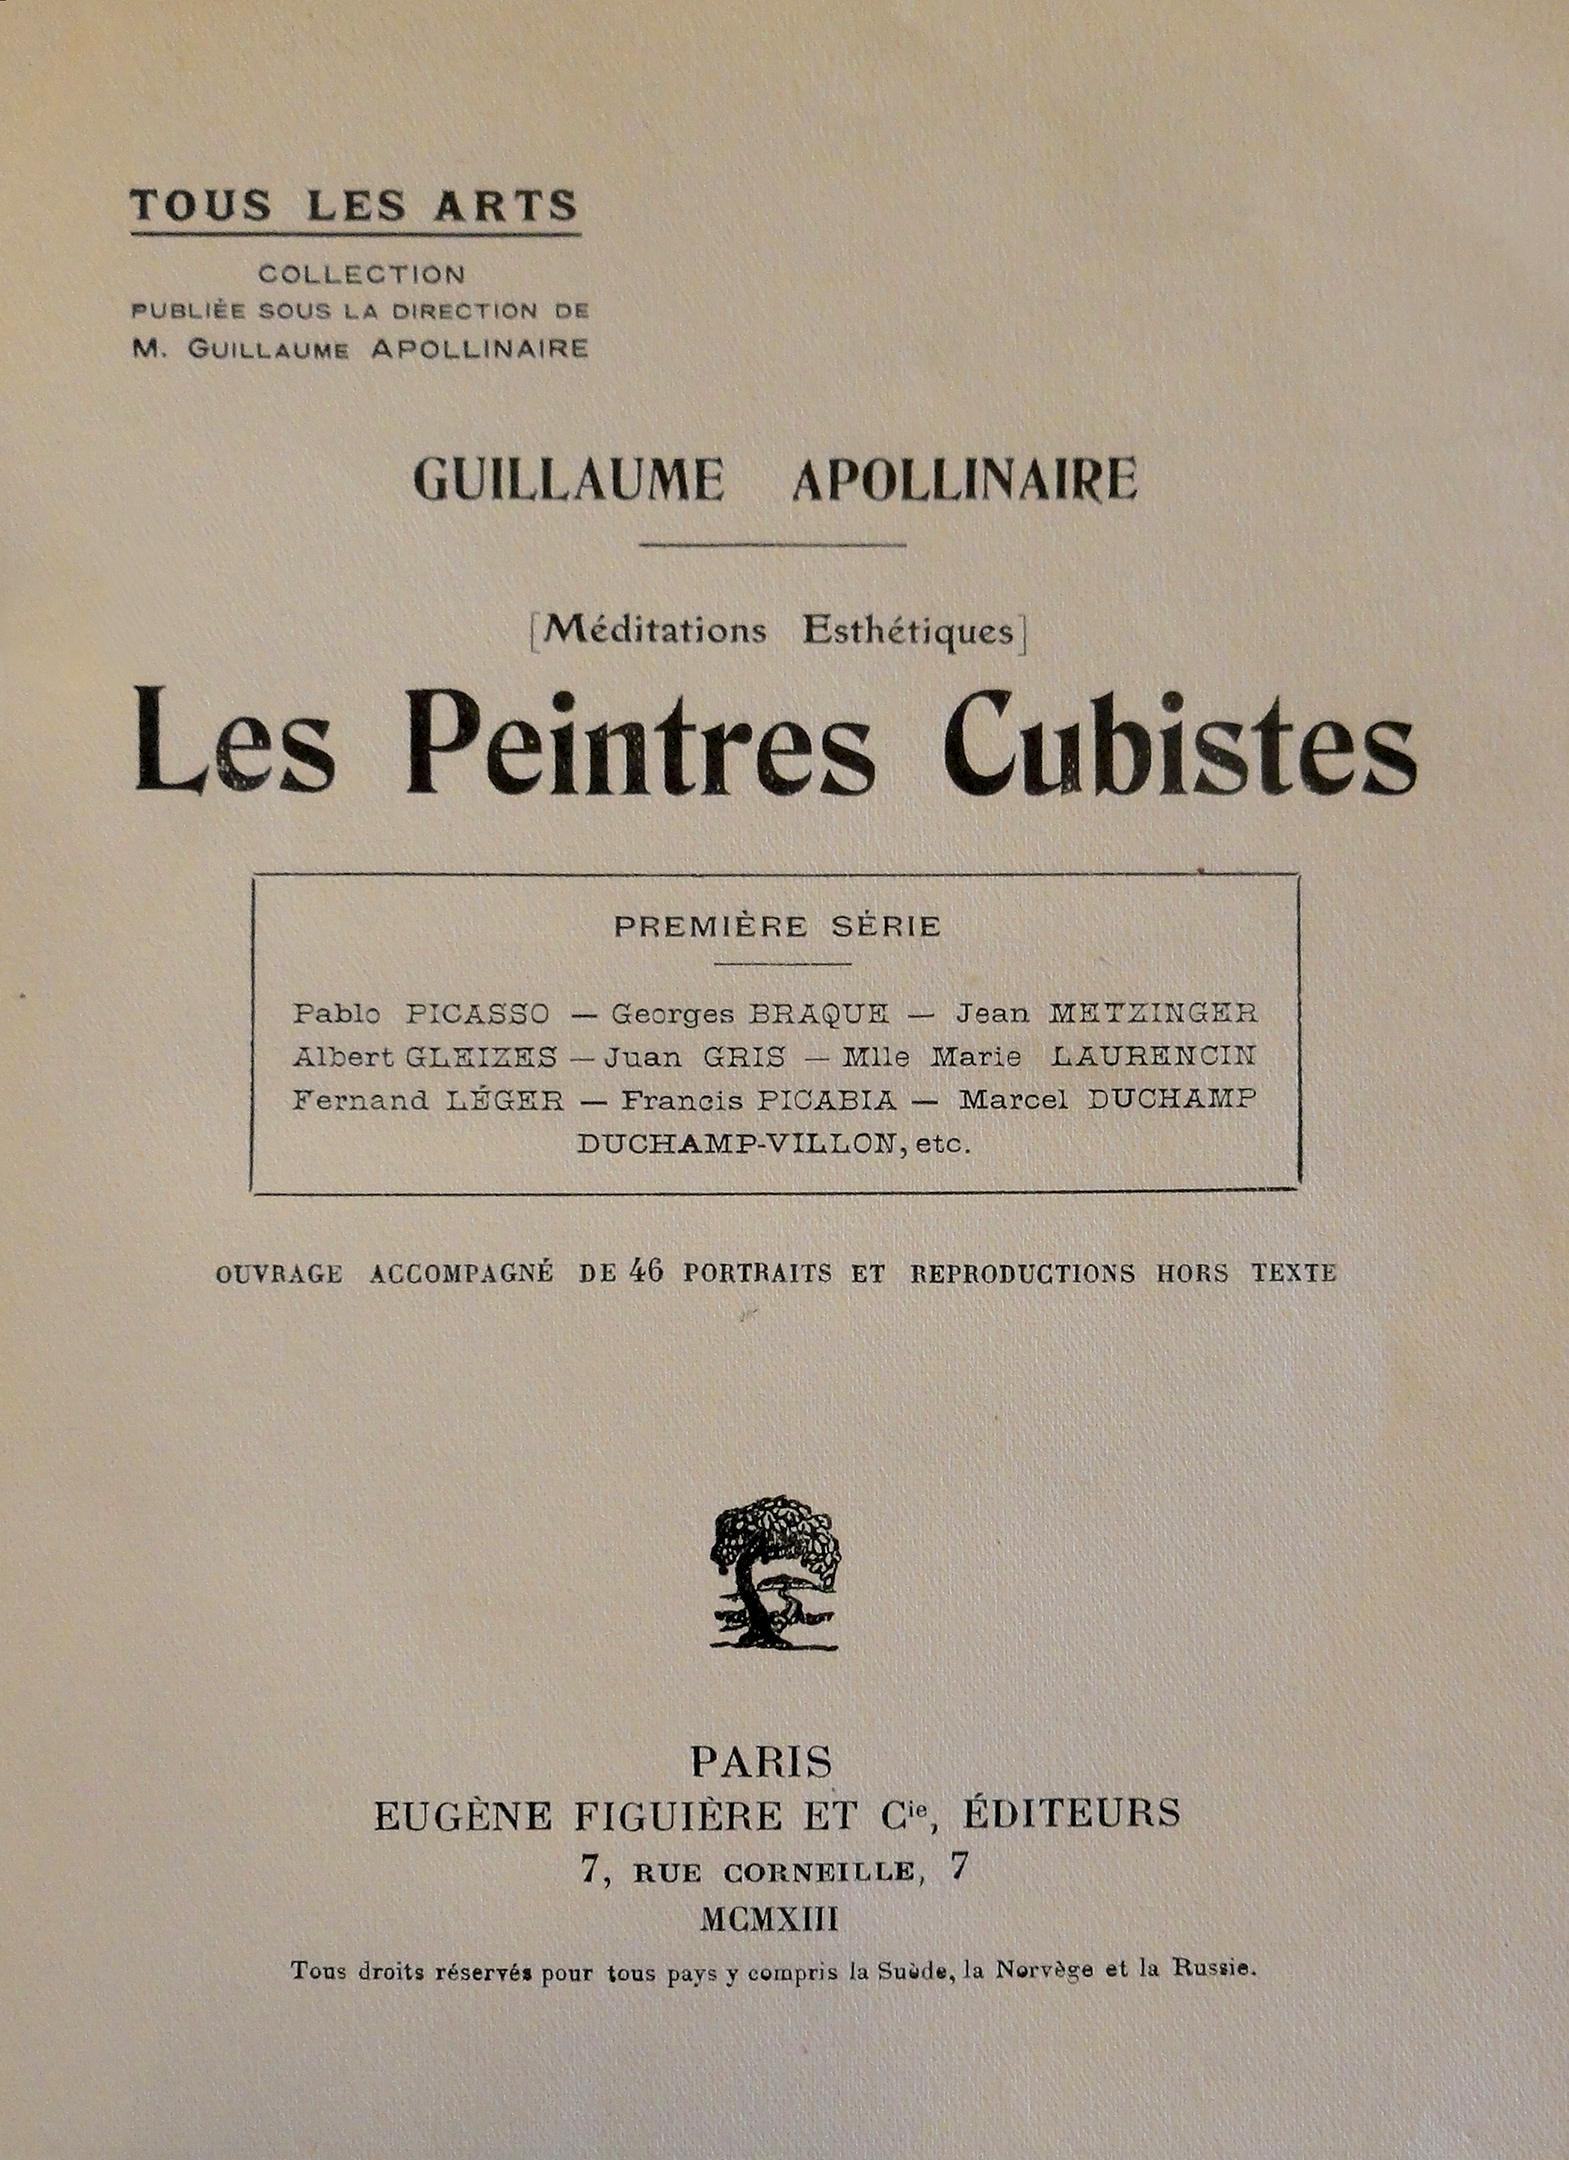 File:Guillaume Apollinaire, Les Peintres Cubistes, 1913